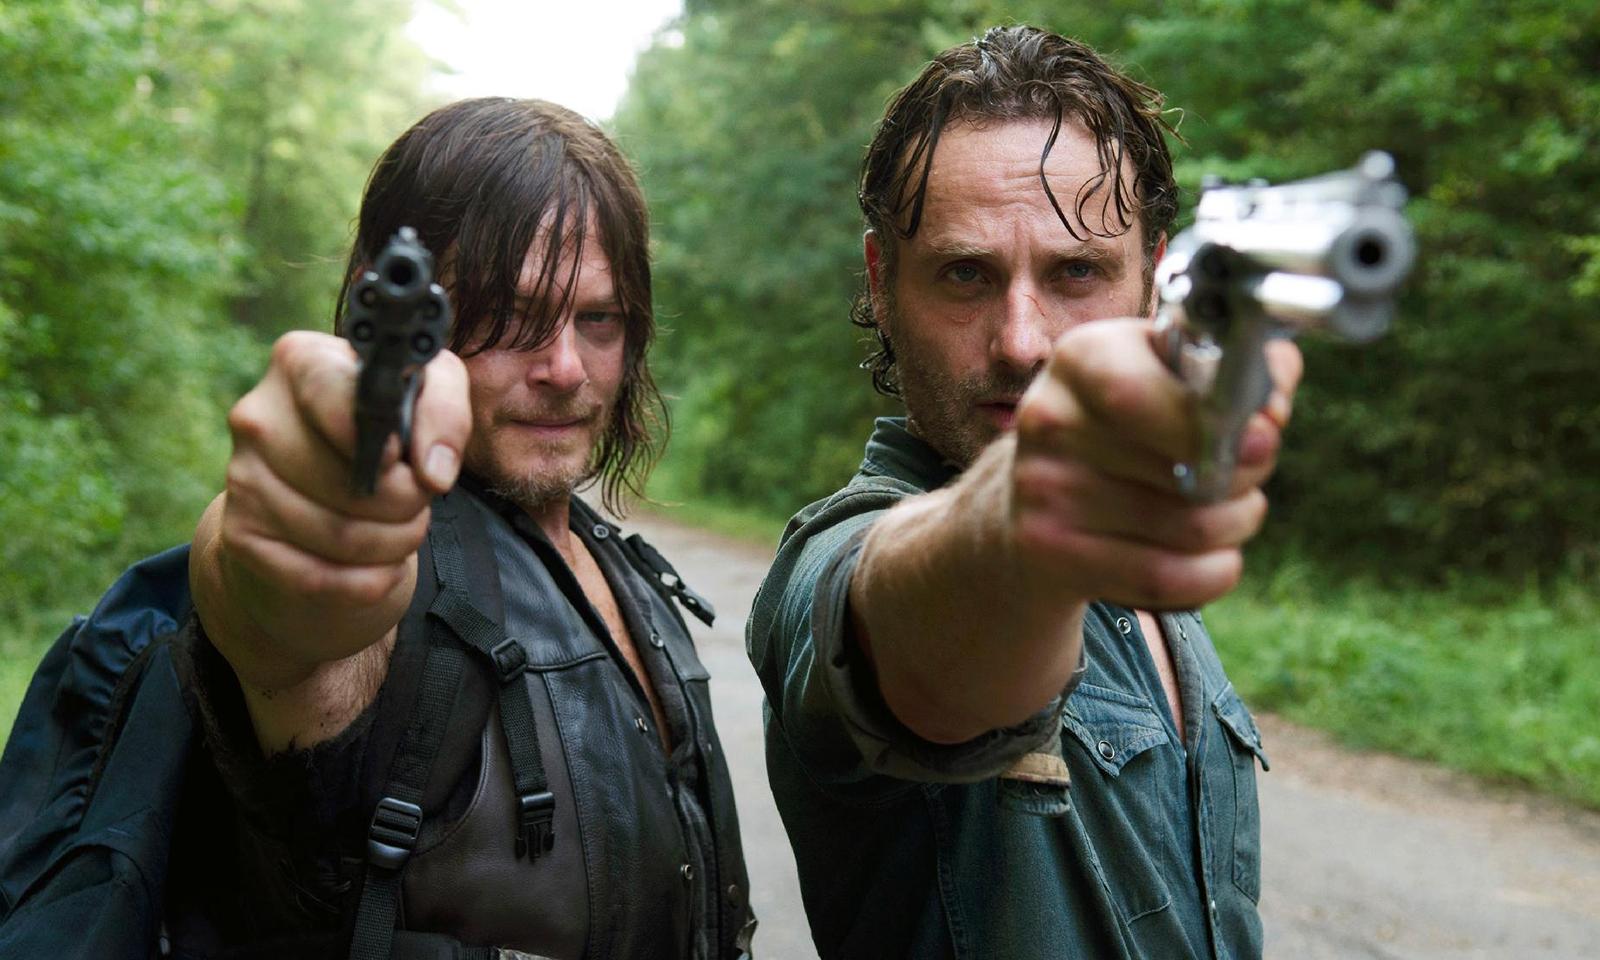 Rick e Daryl apontando suas armas em imagem de The Walking Dead